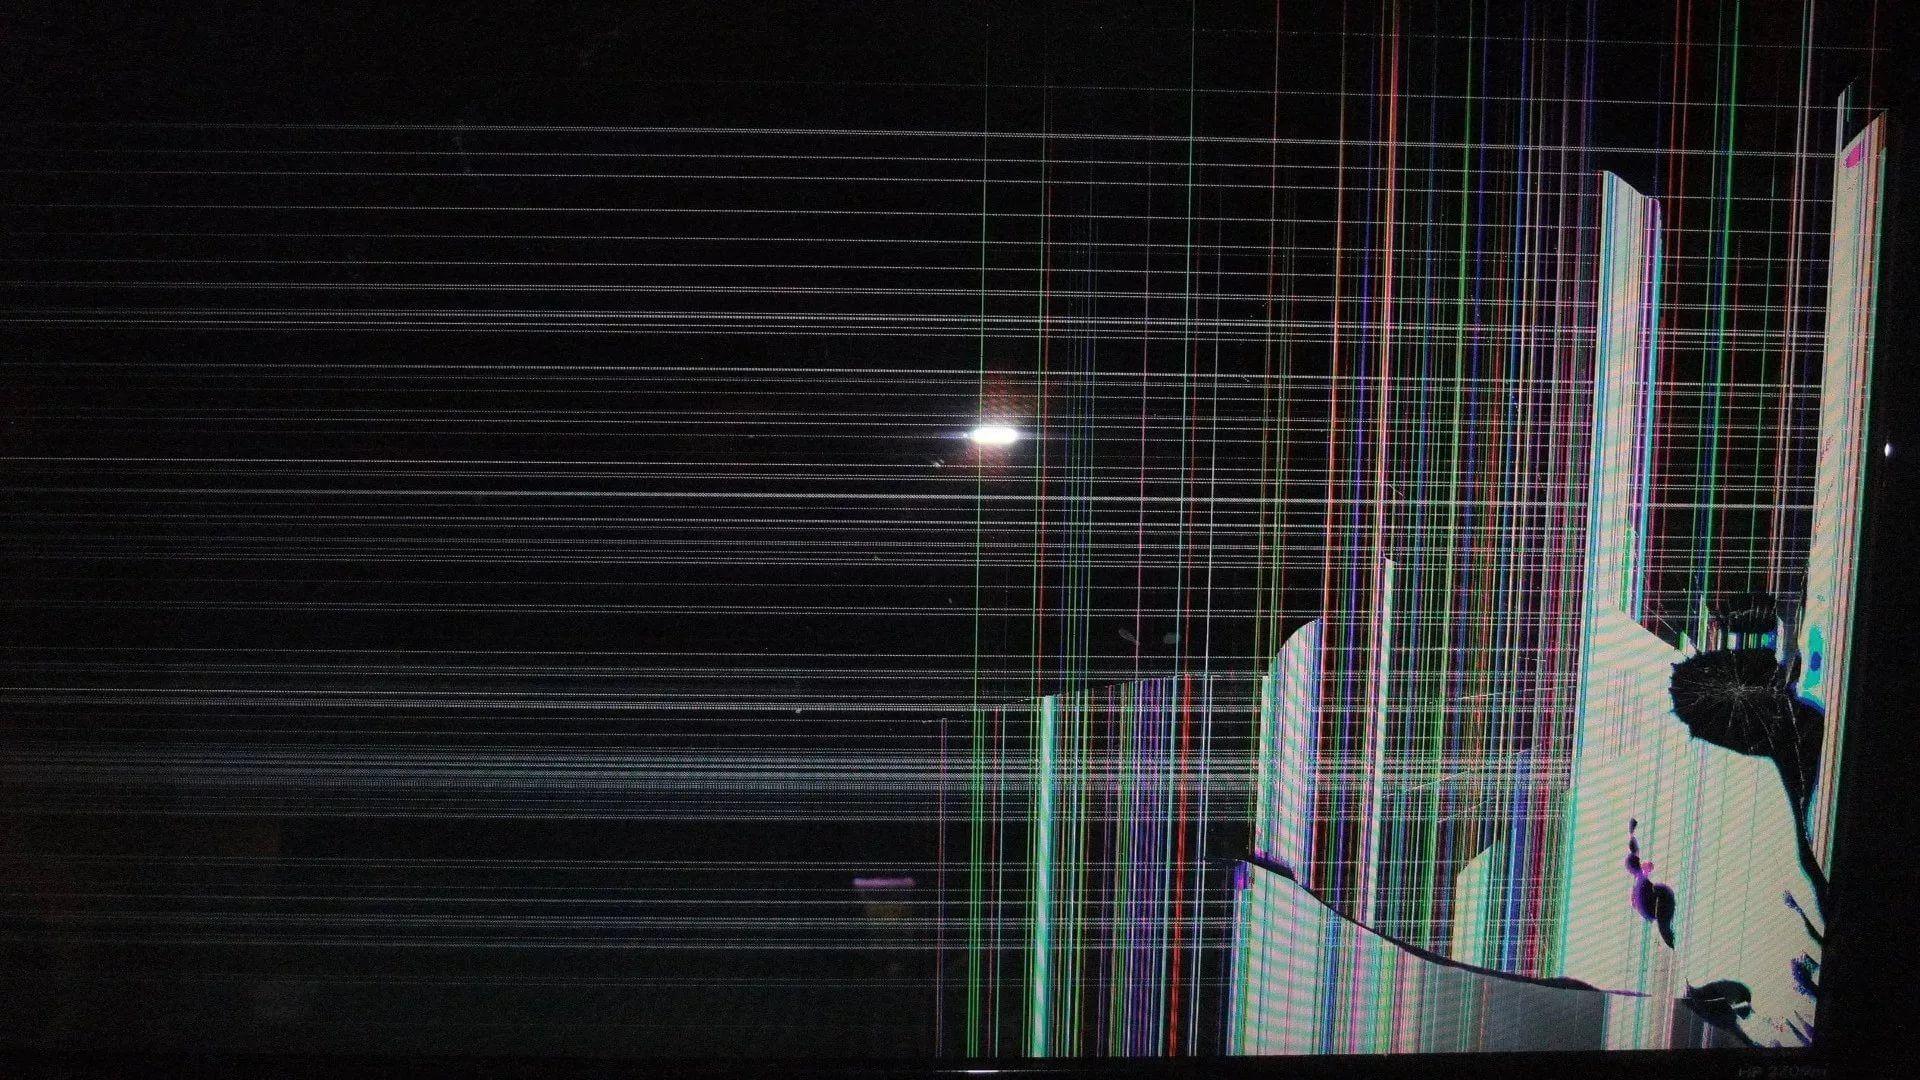 Broken Screen desktop wallpaper download